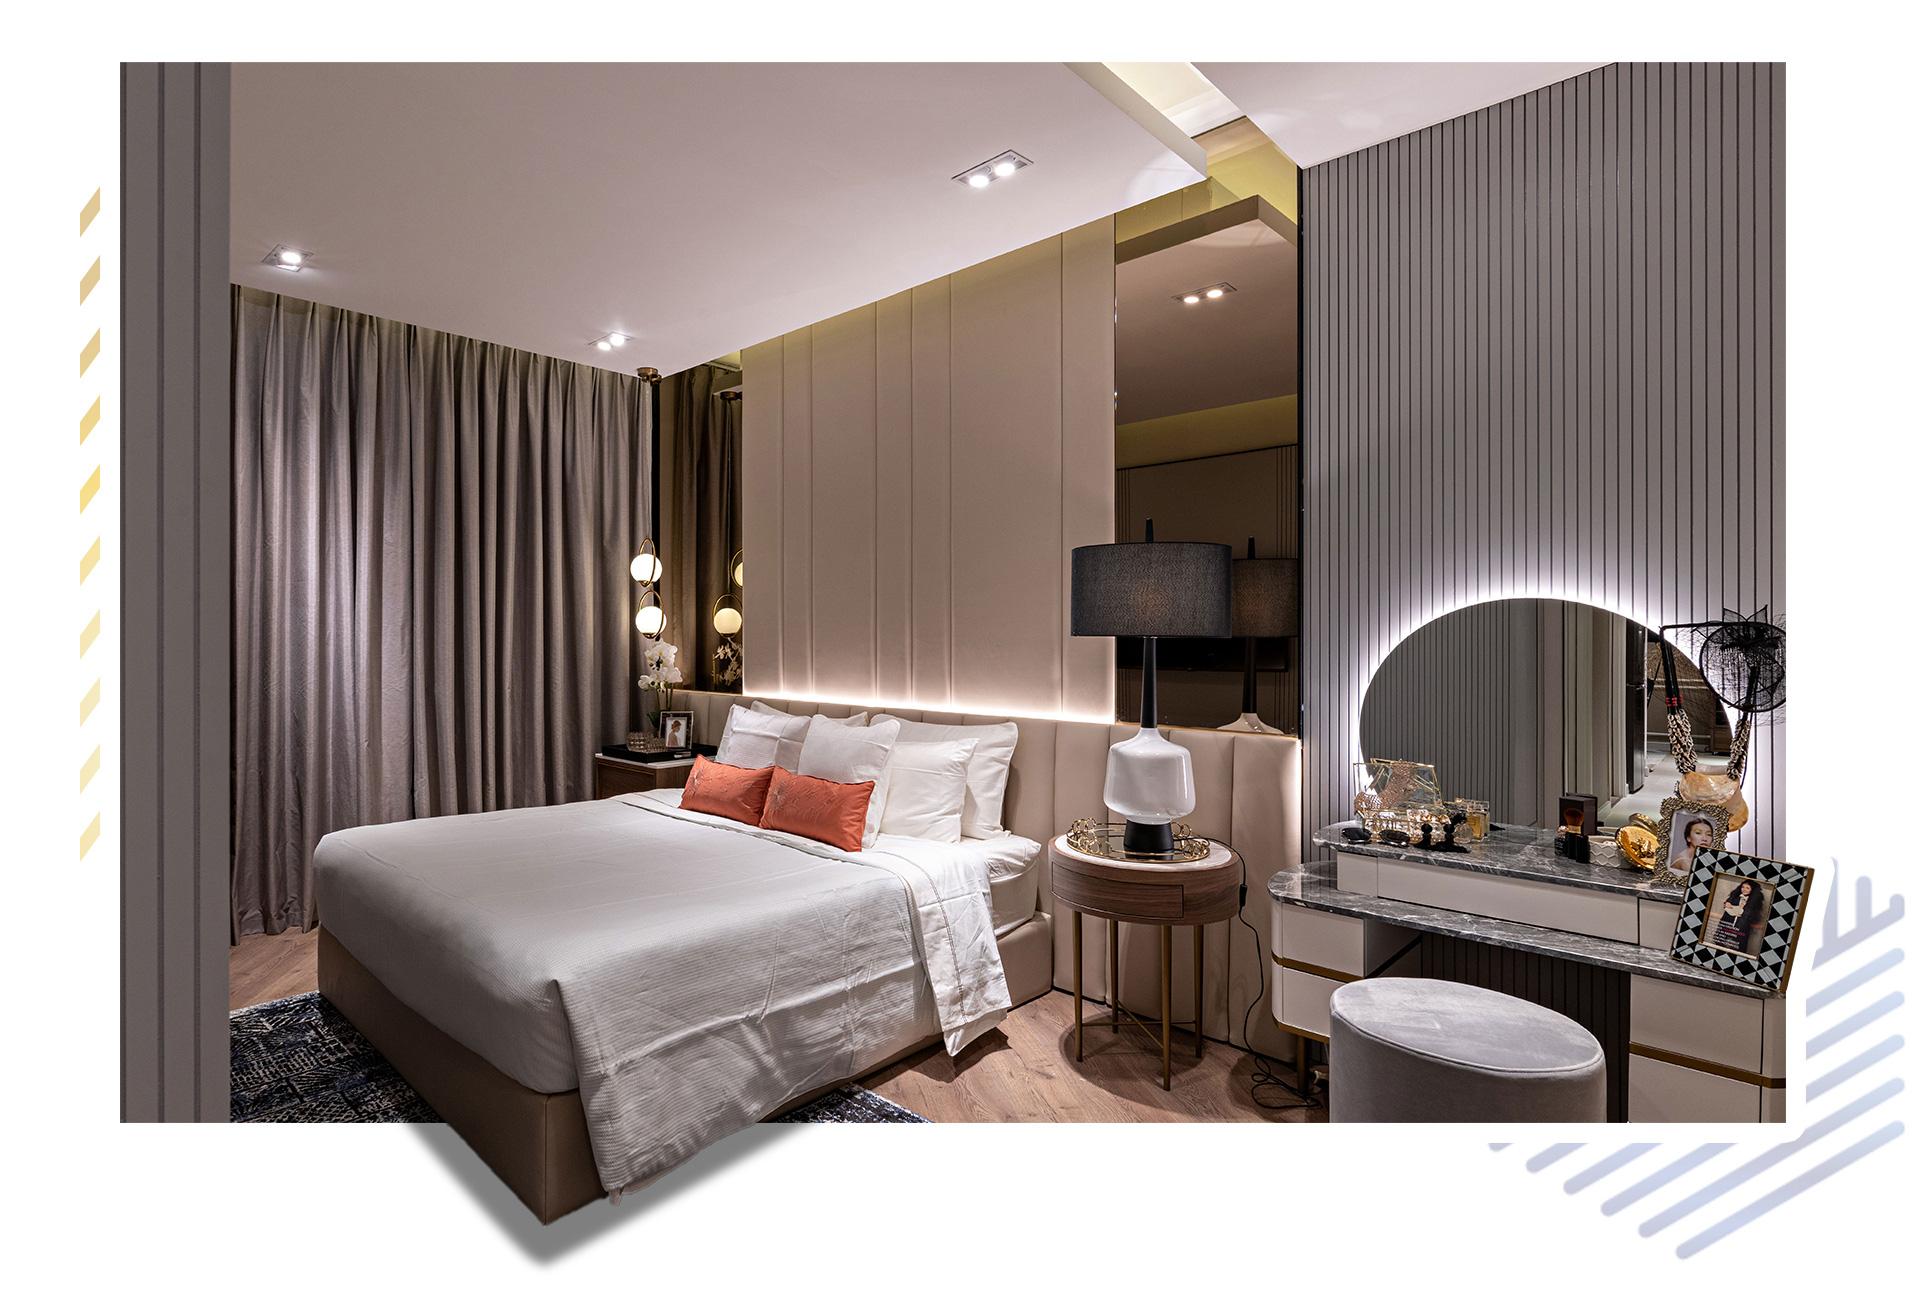 Anderson Park - căn hộ chuẩn hạng phòng Suite 5 sao đã sẵn sàng trình làng - Ảnh 6.